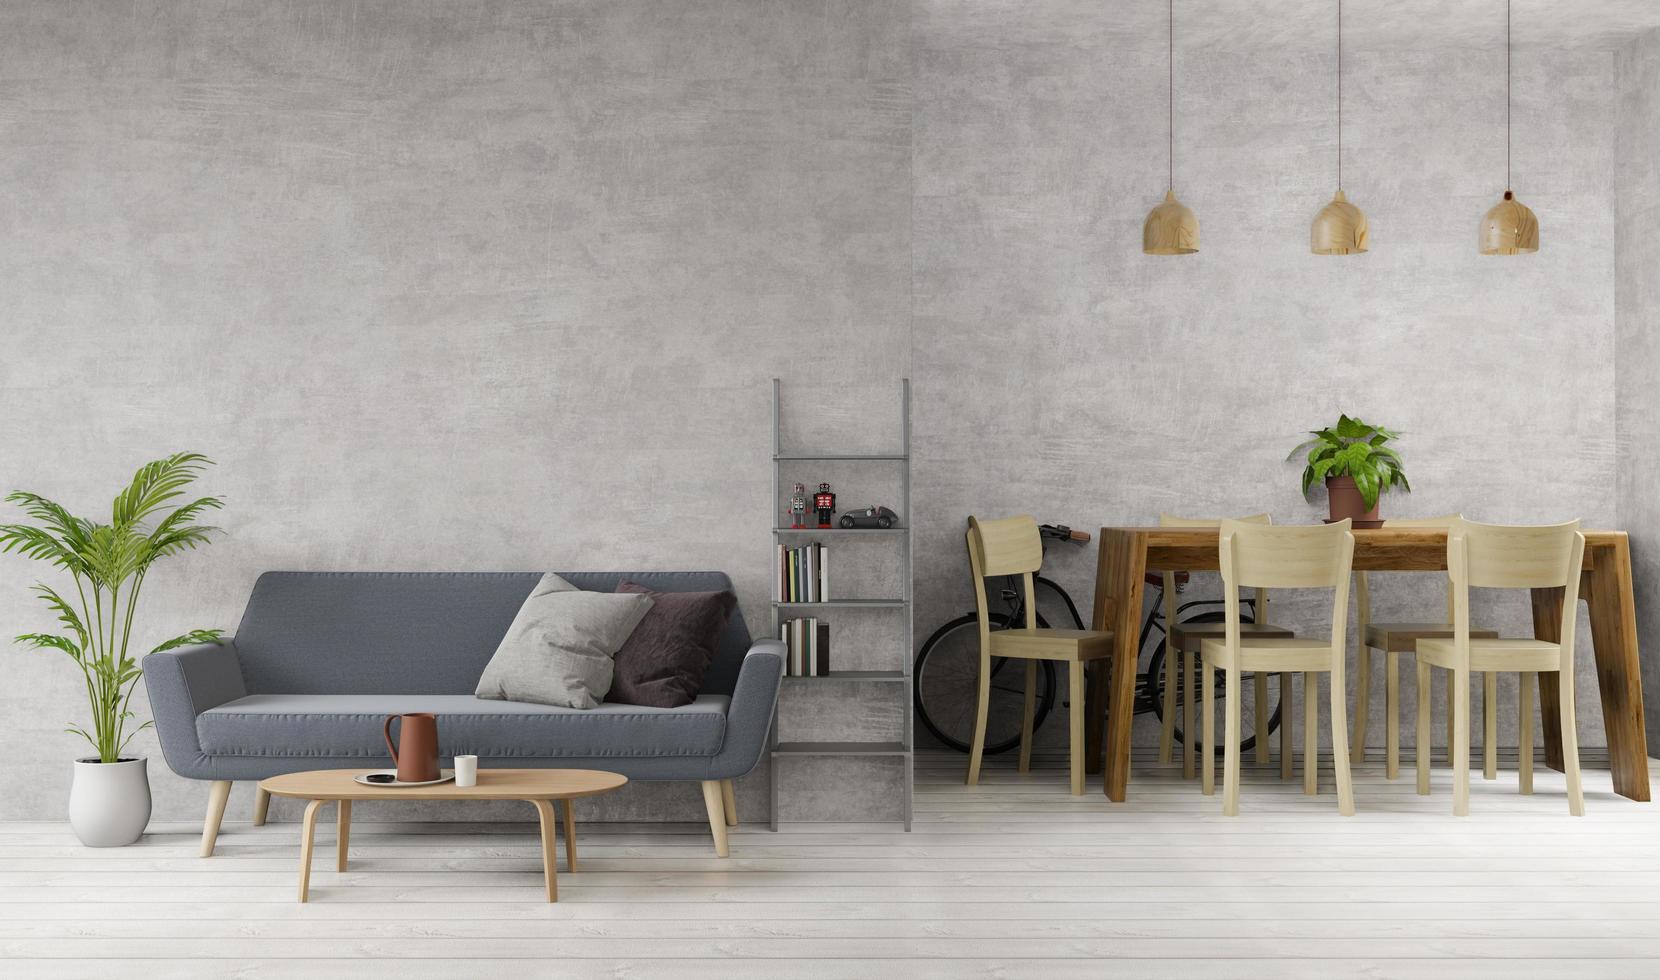 Diseño de interiores de estilo loft, sala de estar y comedor, 3d foto